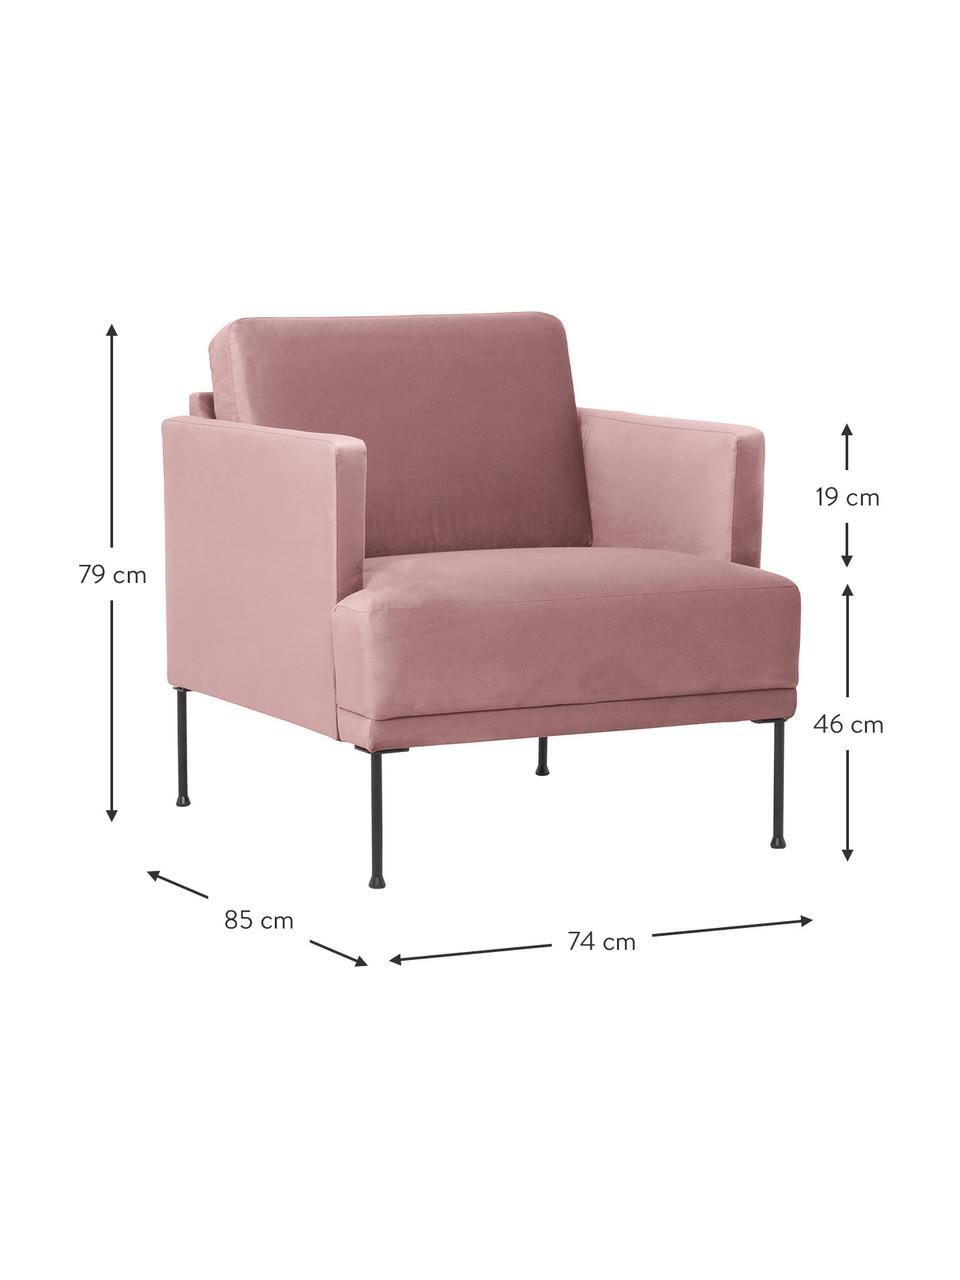 Samt-Sessel Fluente in Rosa mit Metall-Füßen, Bezug: Samt (Hochwertiger Polyes, Gestell: Massives Kiefernholz, Füße: Metall, pulverbeschichtet, Samt Rosa, B 74 x T 85 cm